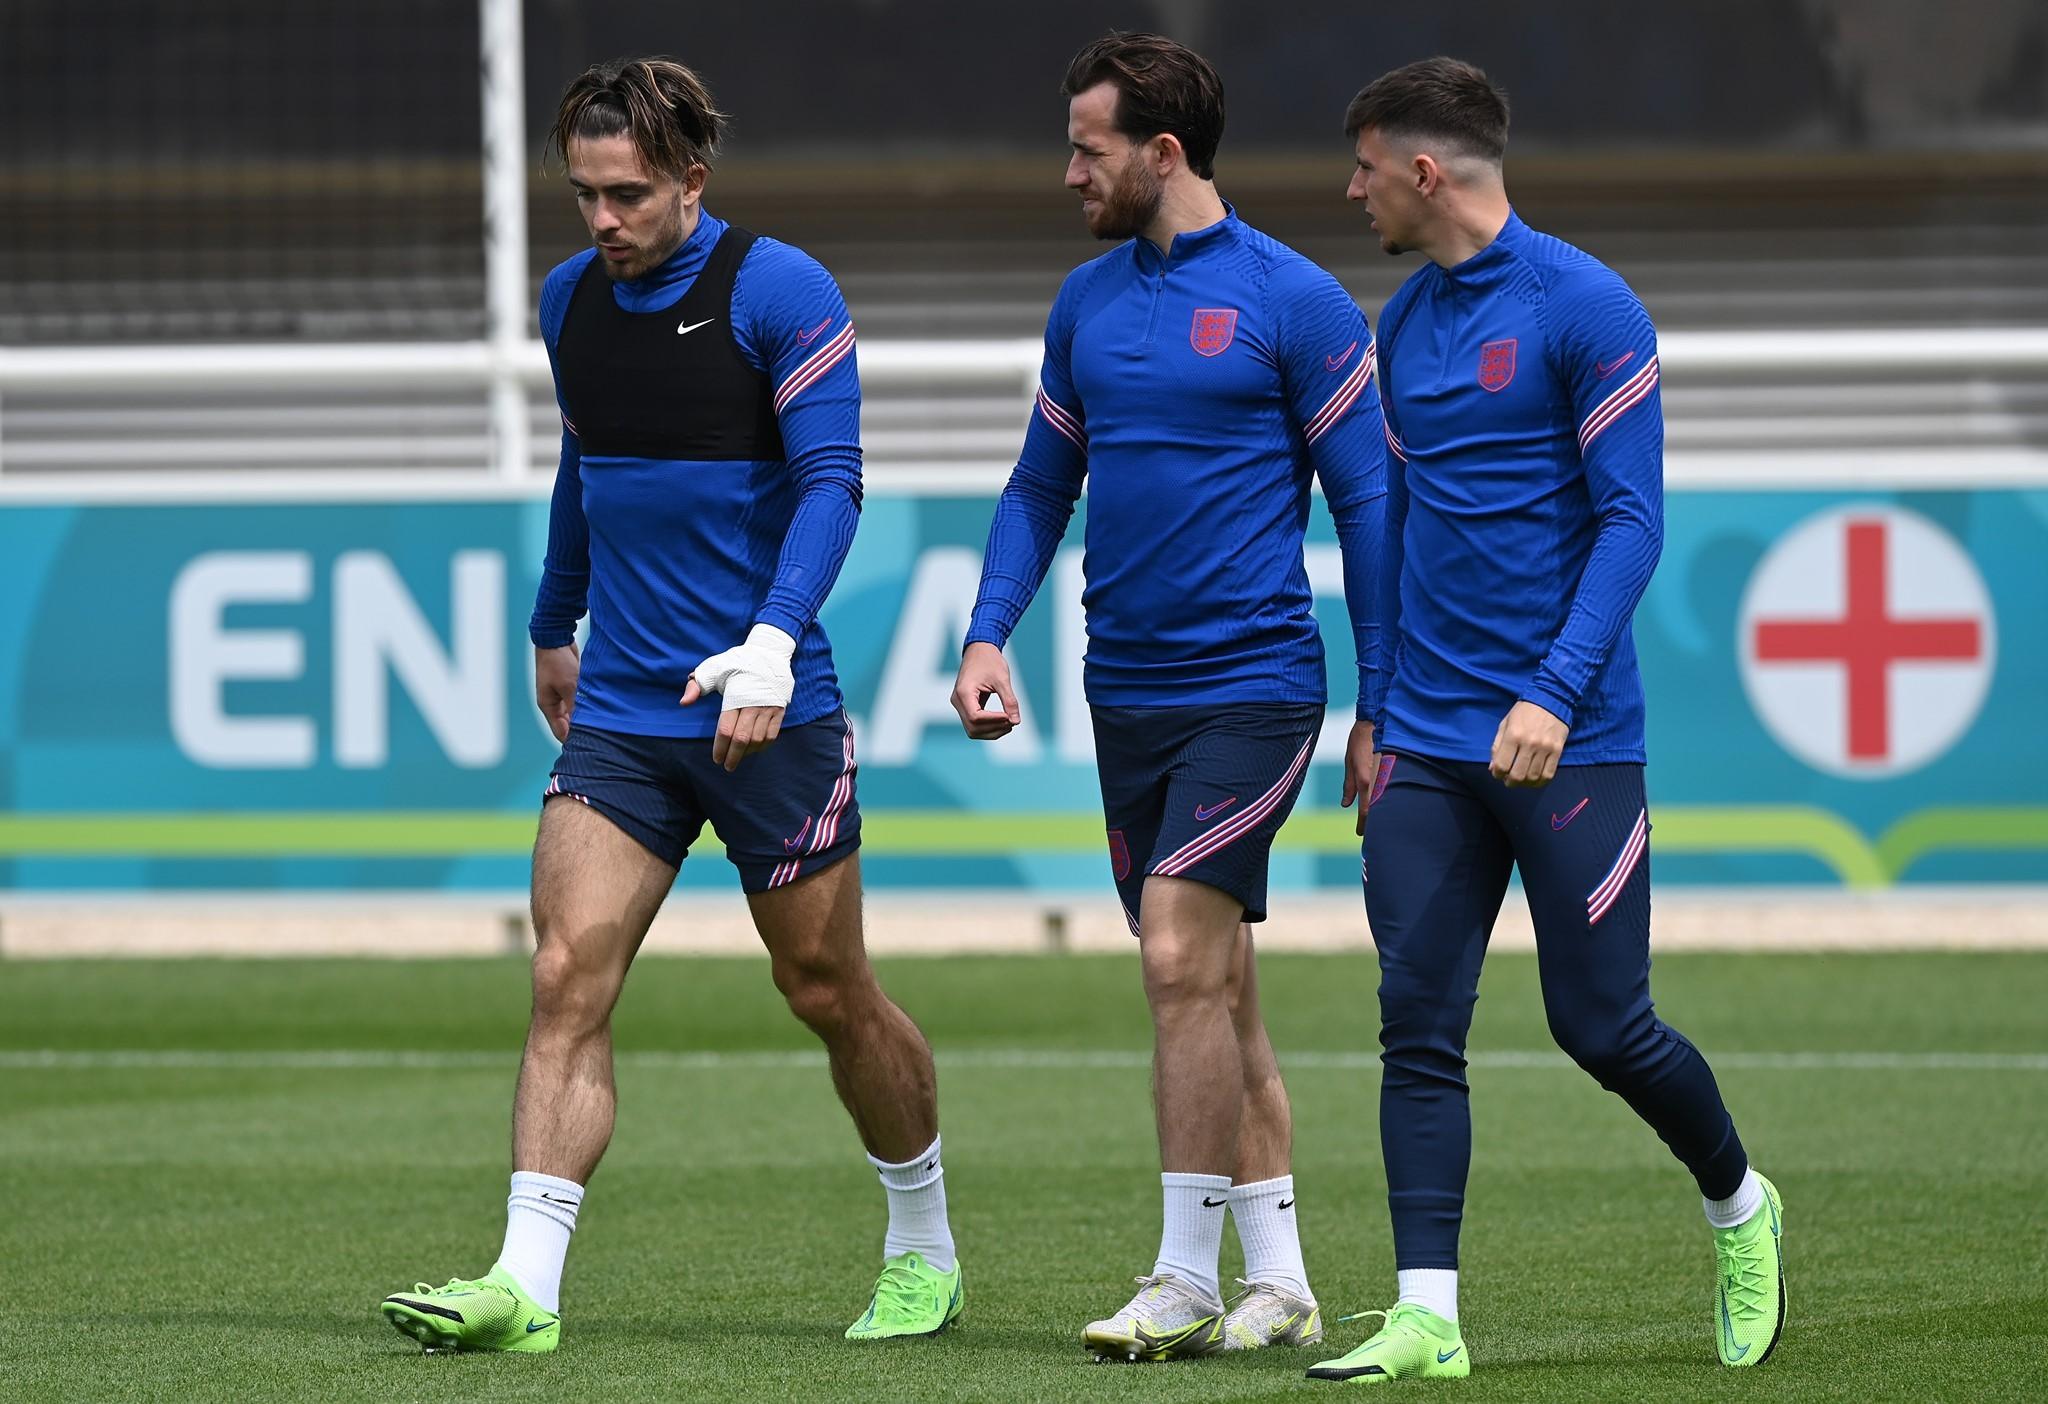 Shaw đầy mạnh mẽ, tuyển Anh sẵn sàng chiến Ý - Bóng Đá